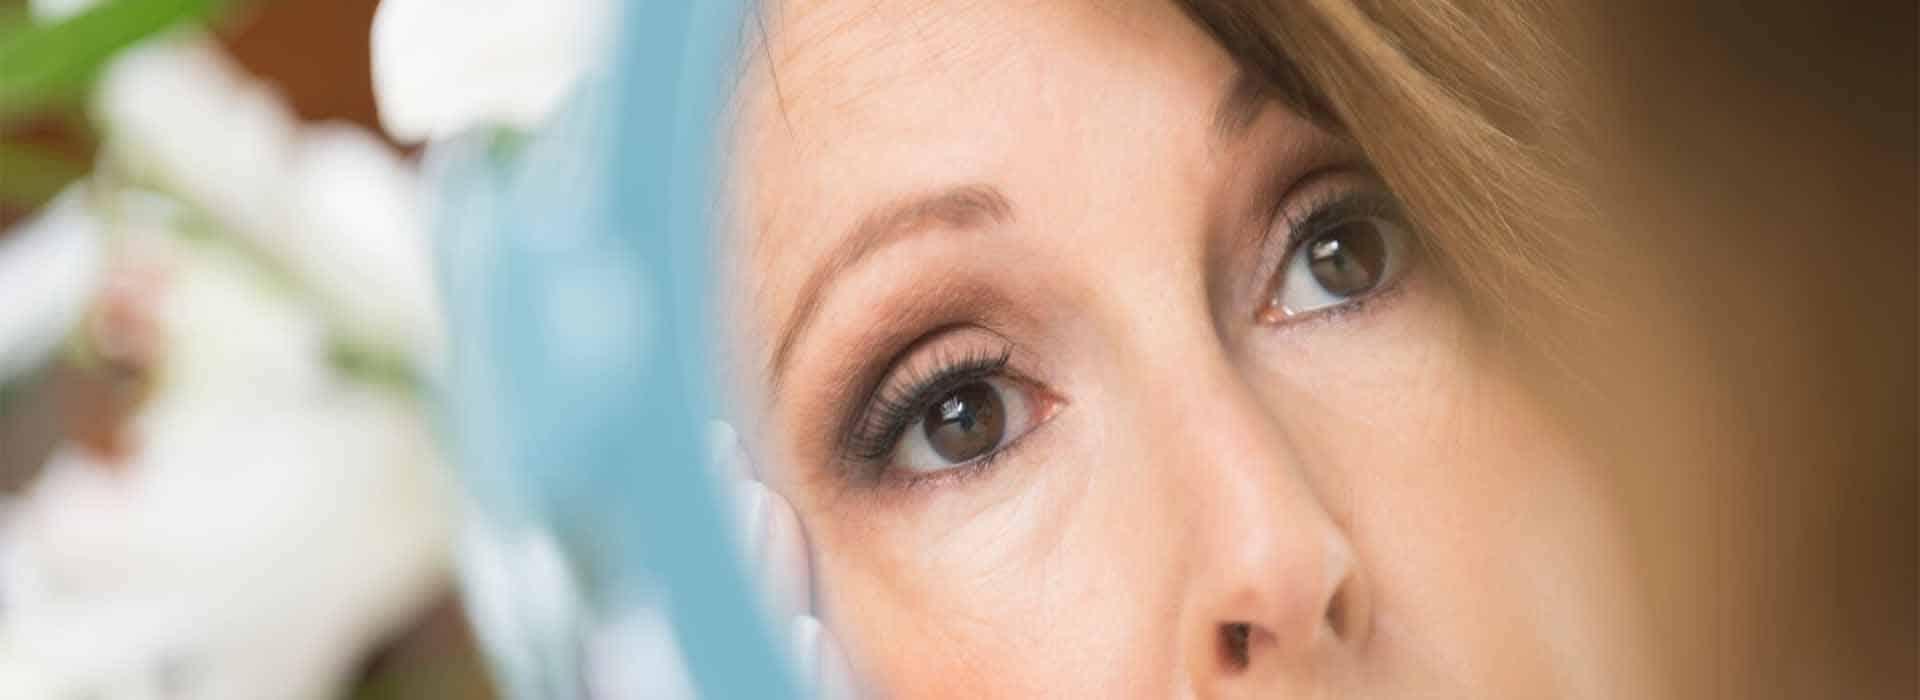 Reducir el tamaño de tu nariz: Te lo explicamos